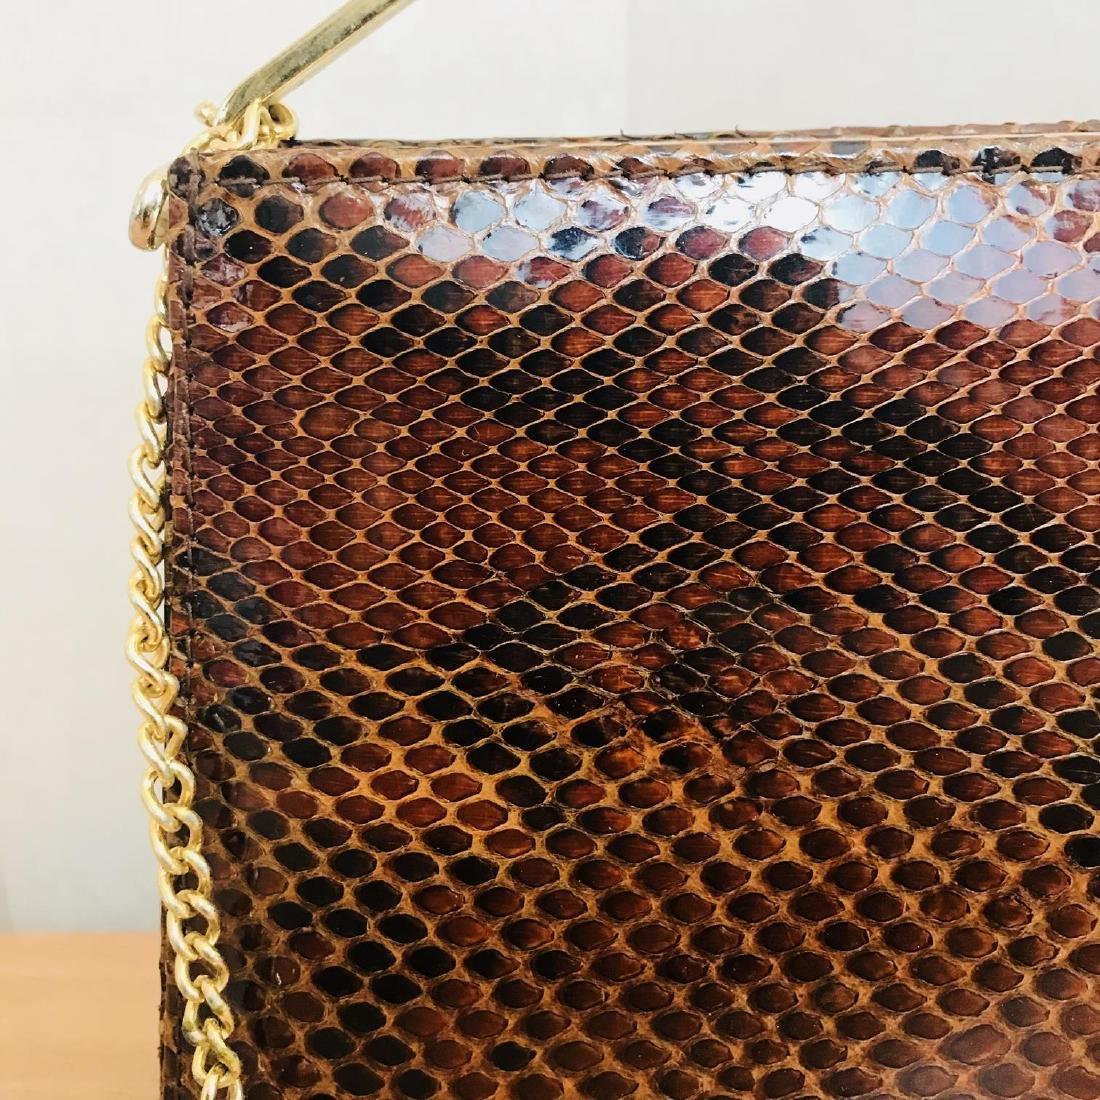 Vintage Genuine Snake Skin Leather Clutch Bag Handbag - 4